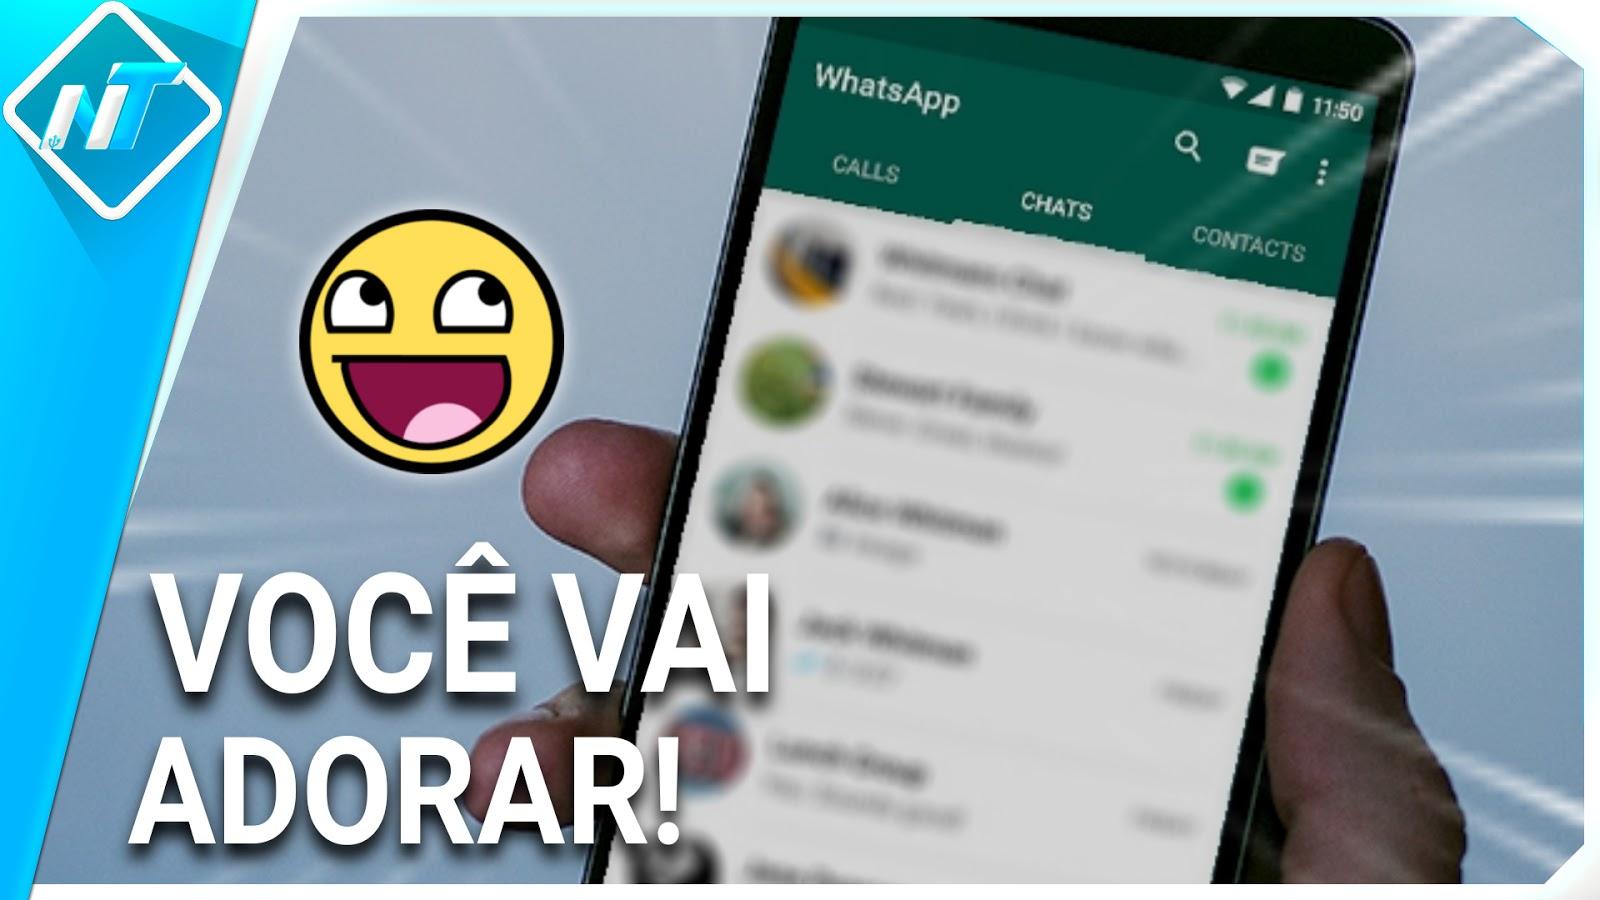 VOCÊ JÁ VIU? Você vai adorar esse aplicativo para usar no teu WhatsApp